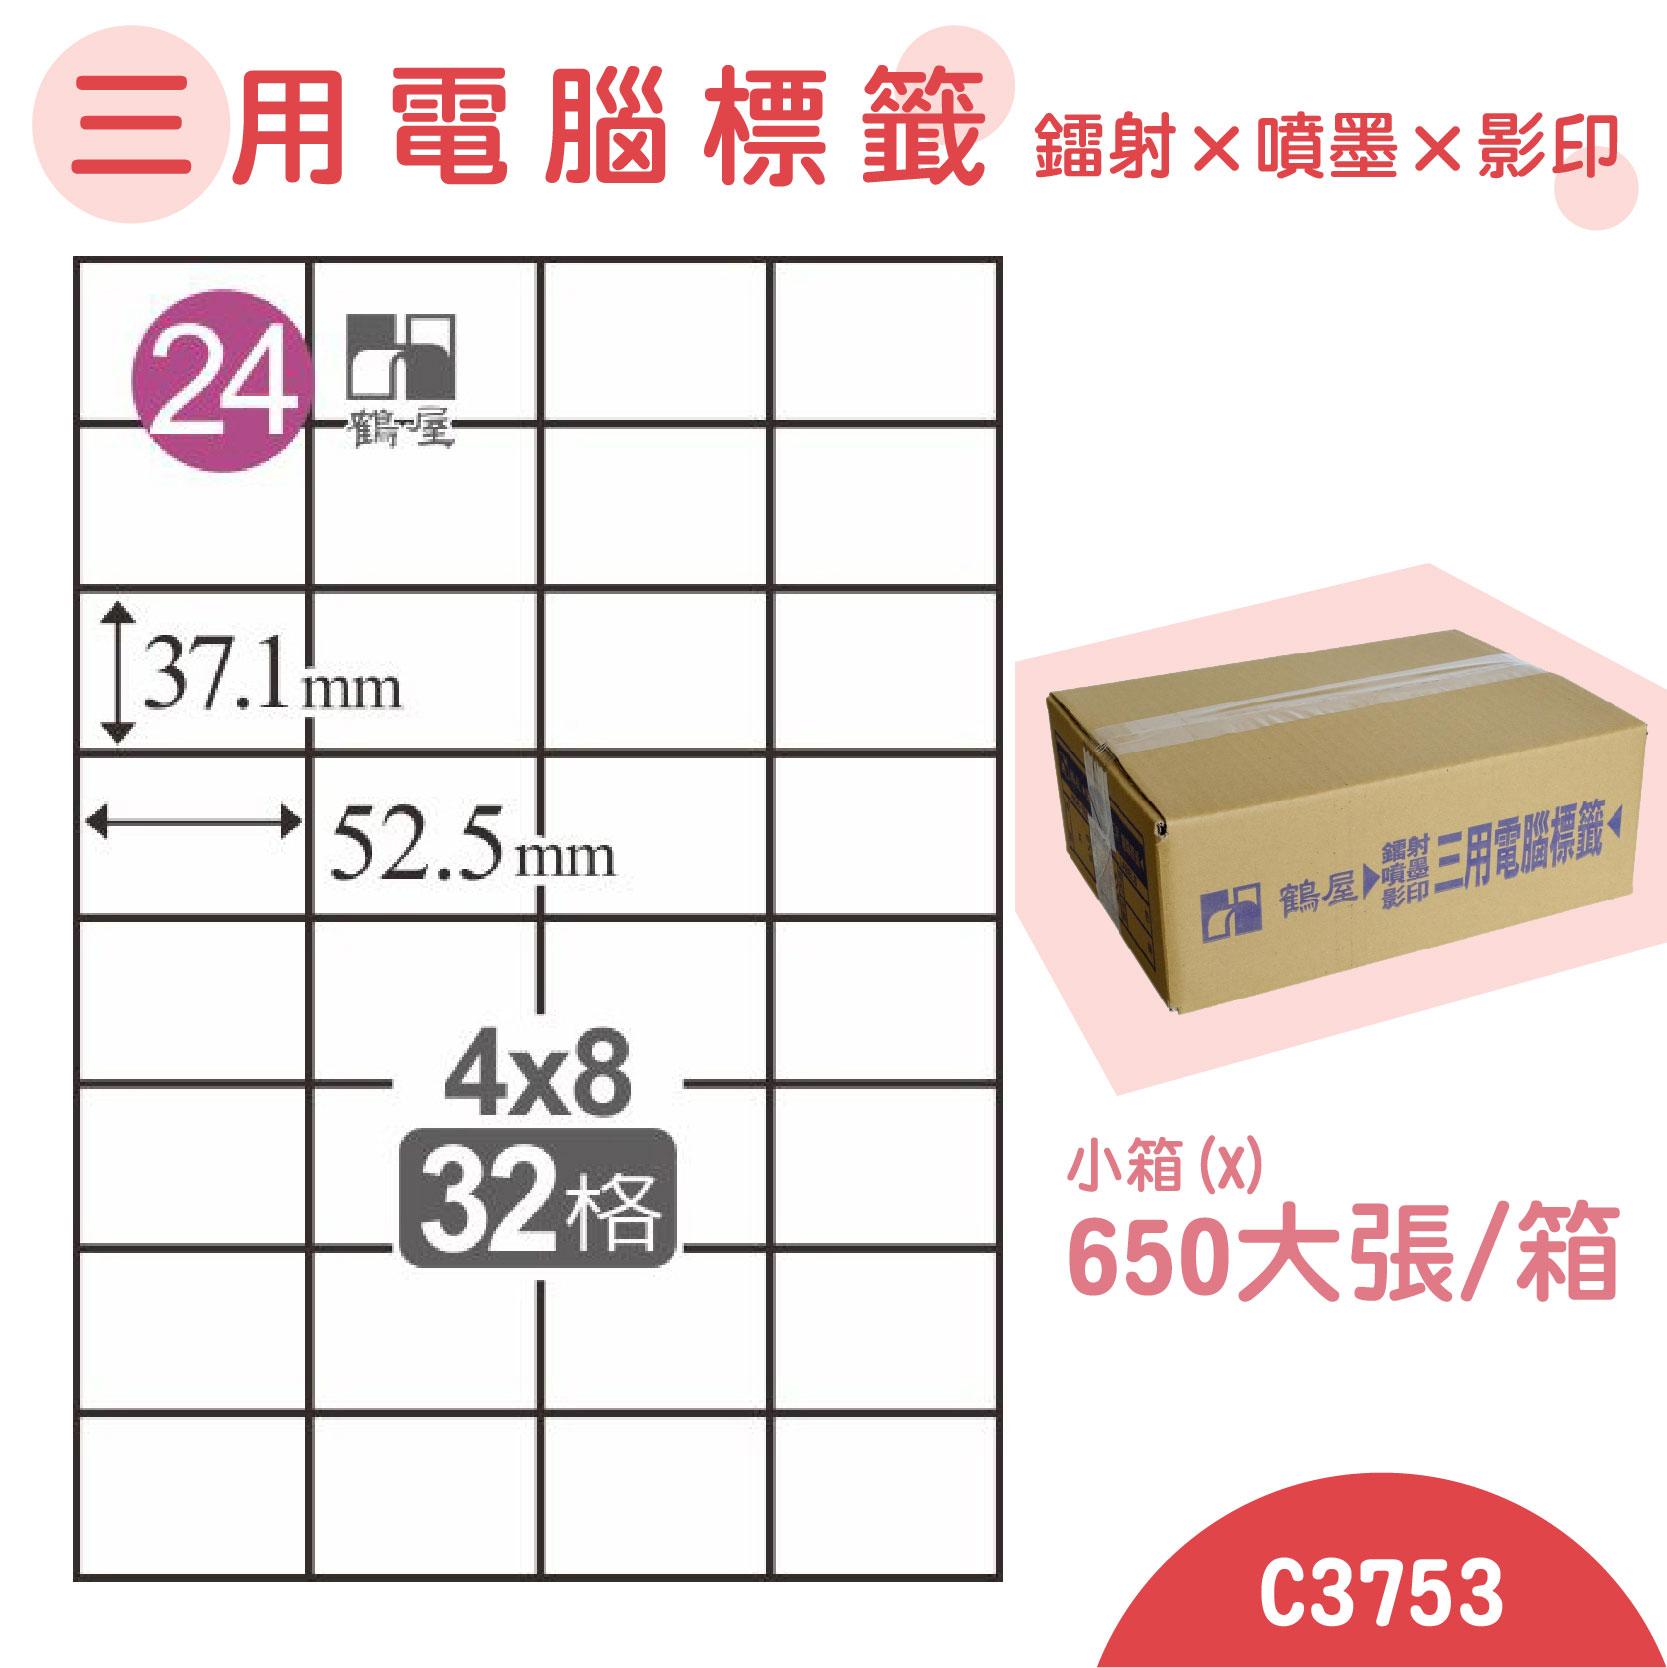 電腦標籤紙(鶴屋) 白色 C3753 32格 650大張/小箱 影印 雷射 噴墨 三用 標籤 貼紙 信封 光碟 名條